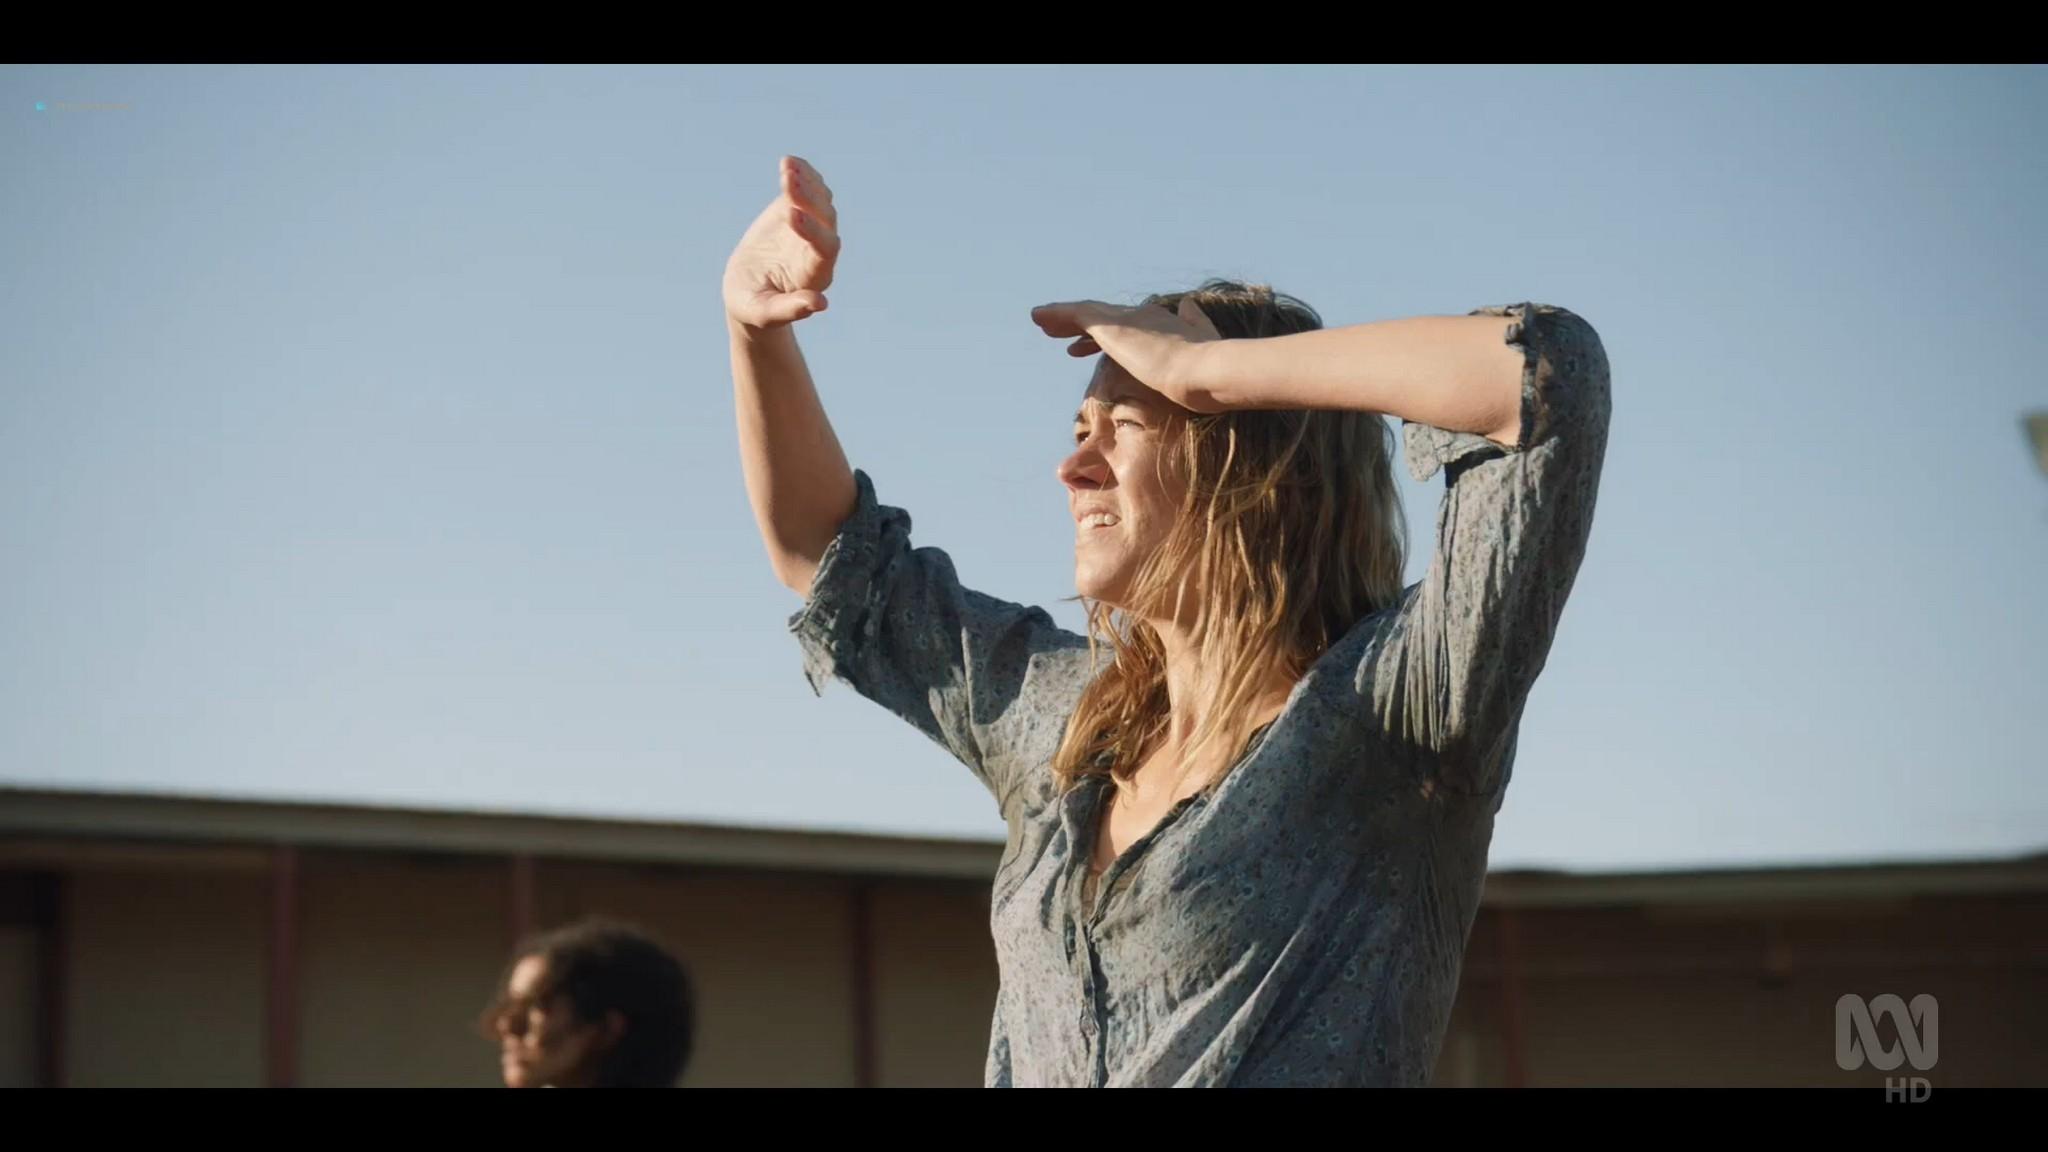 Yvonne Strahovski hot and sexy - Stateless (2020) s1e2 HD 1080p WEB (12)